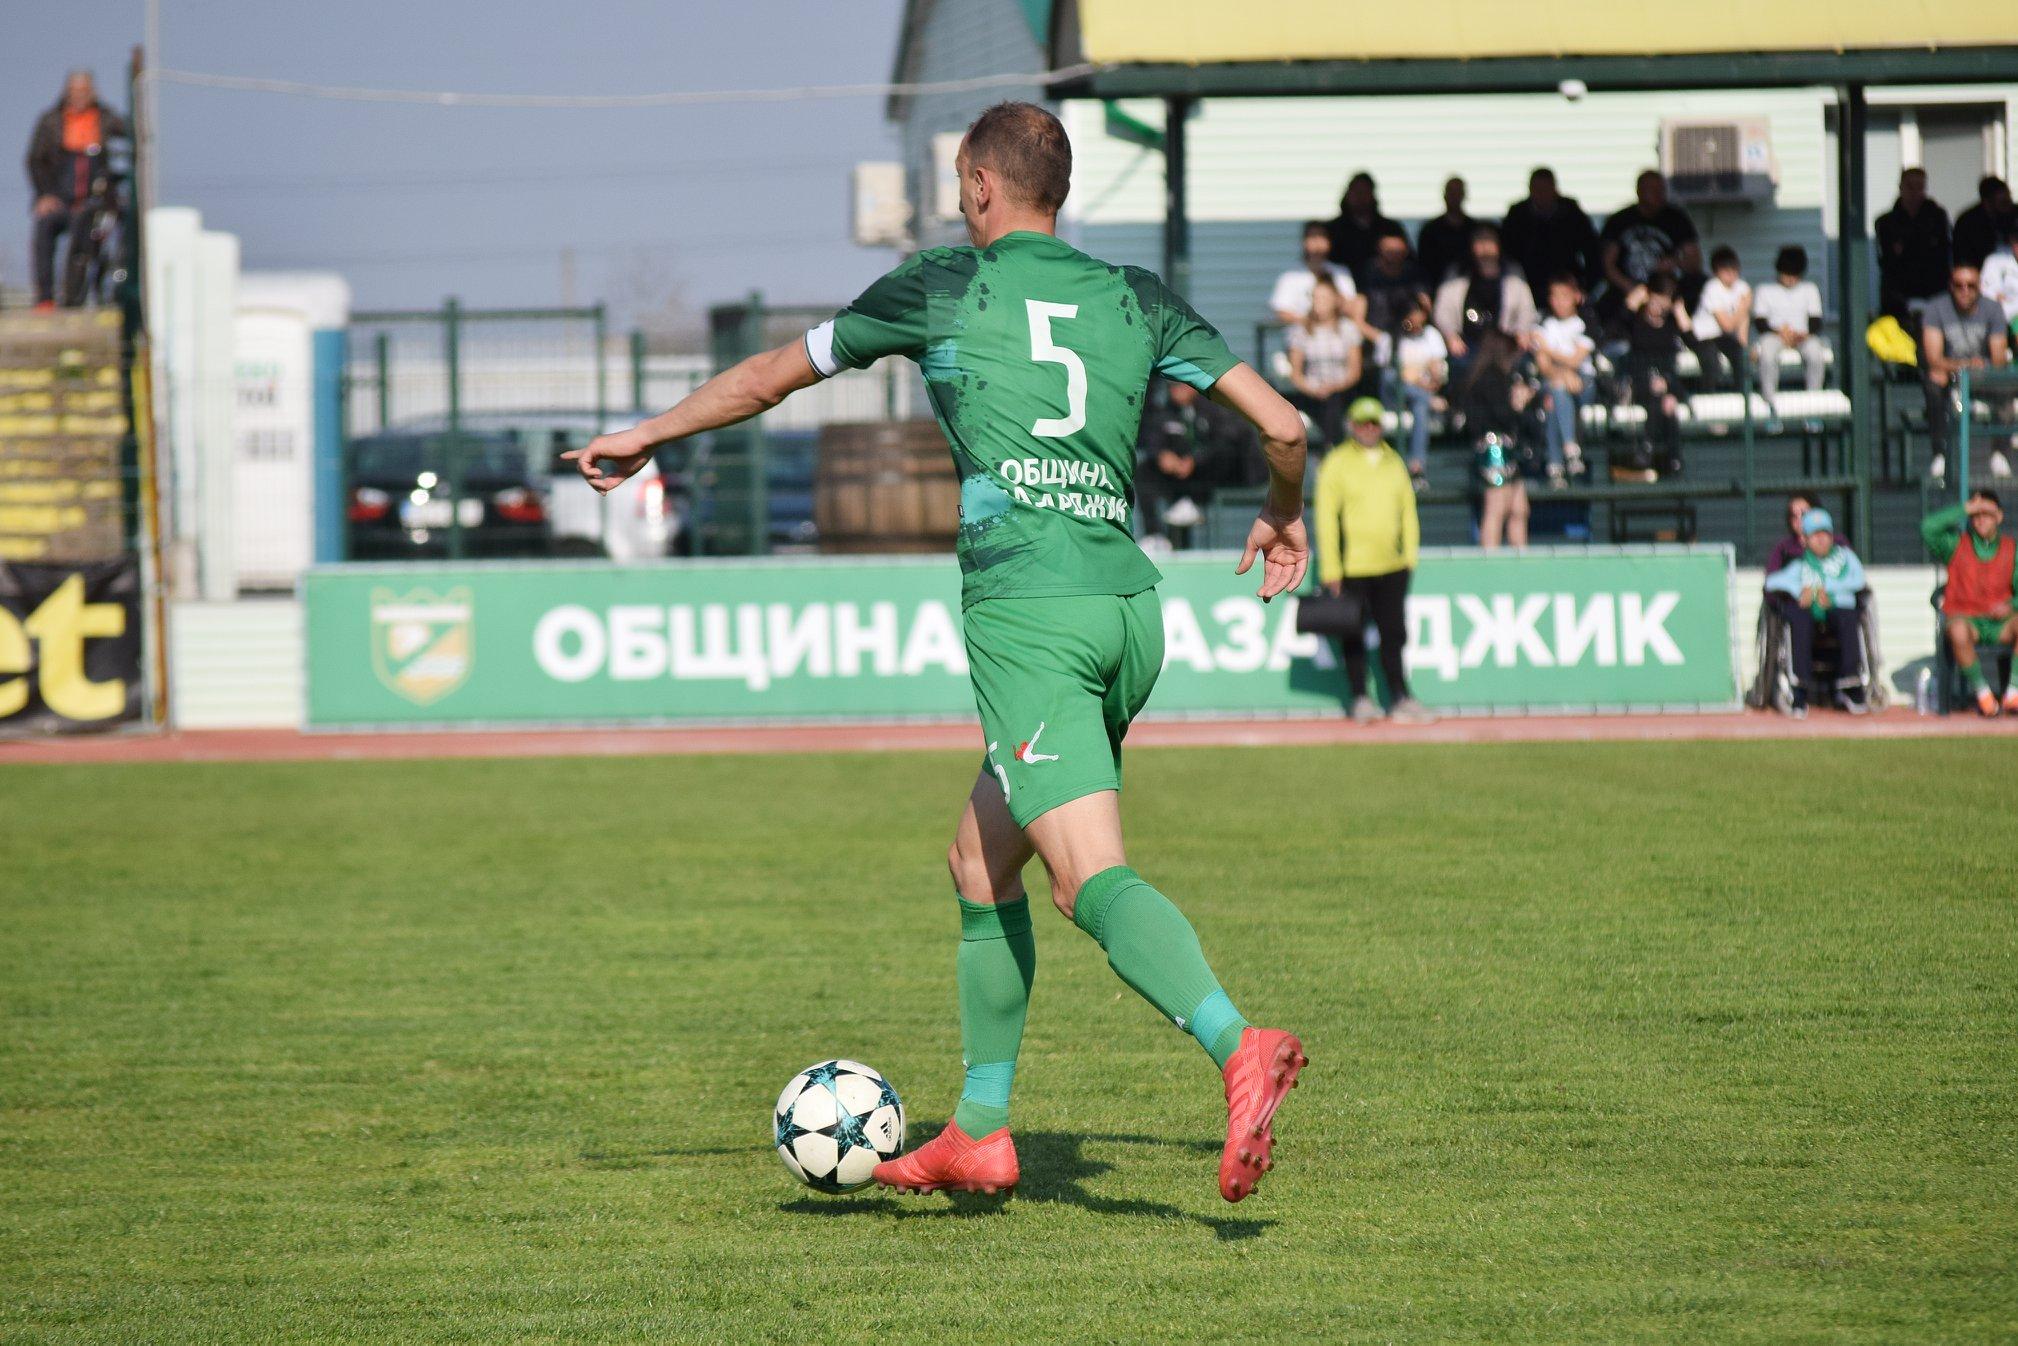 Атанас Велев от Хебър ще пропусне мача с Вихрен (Сандански) заради натрупани пет жълти картона.